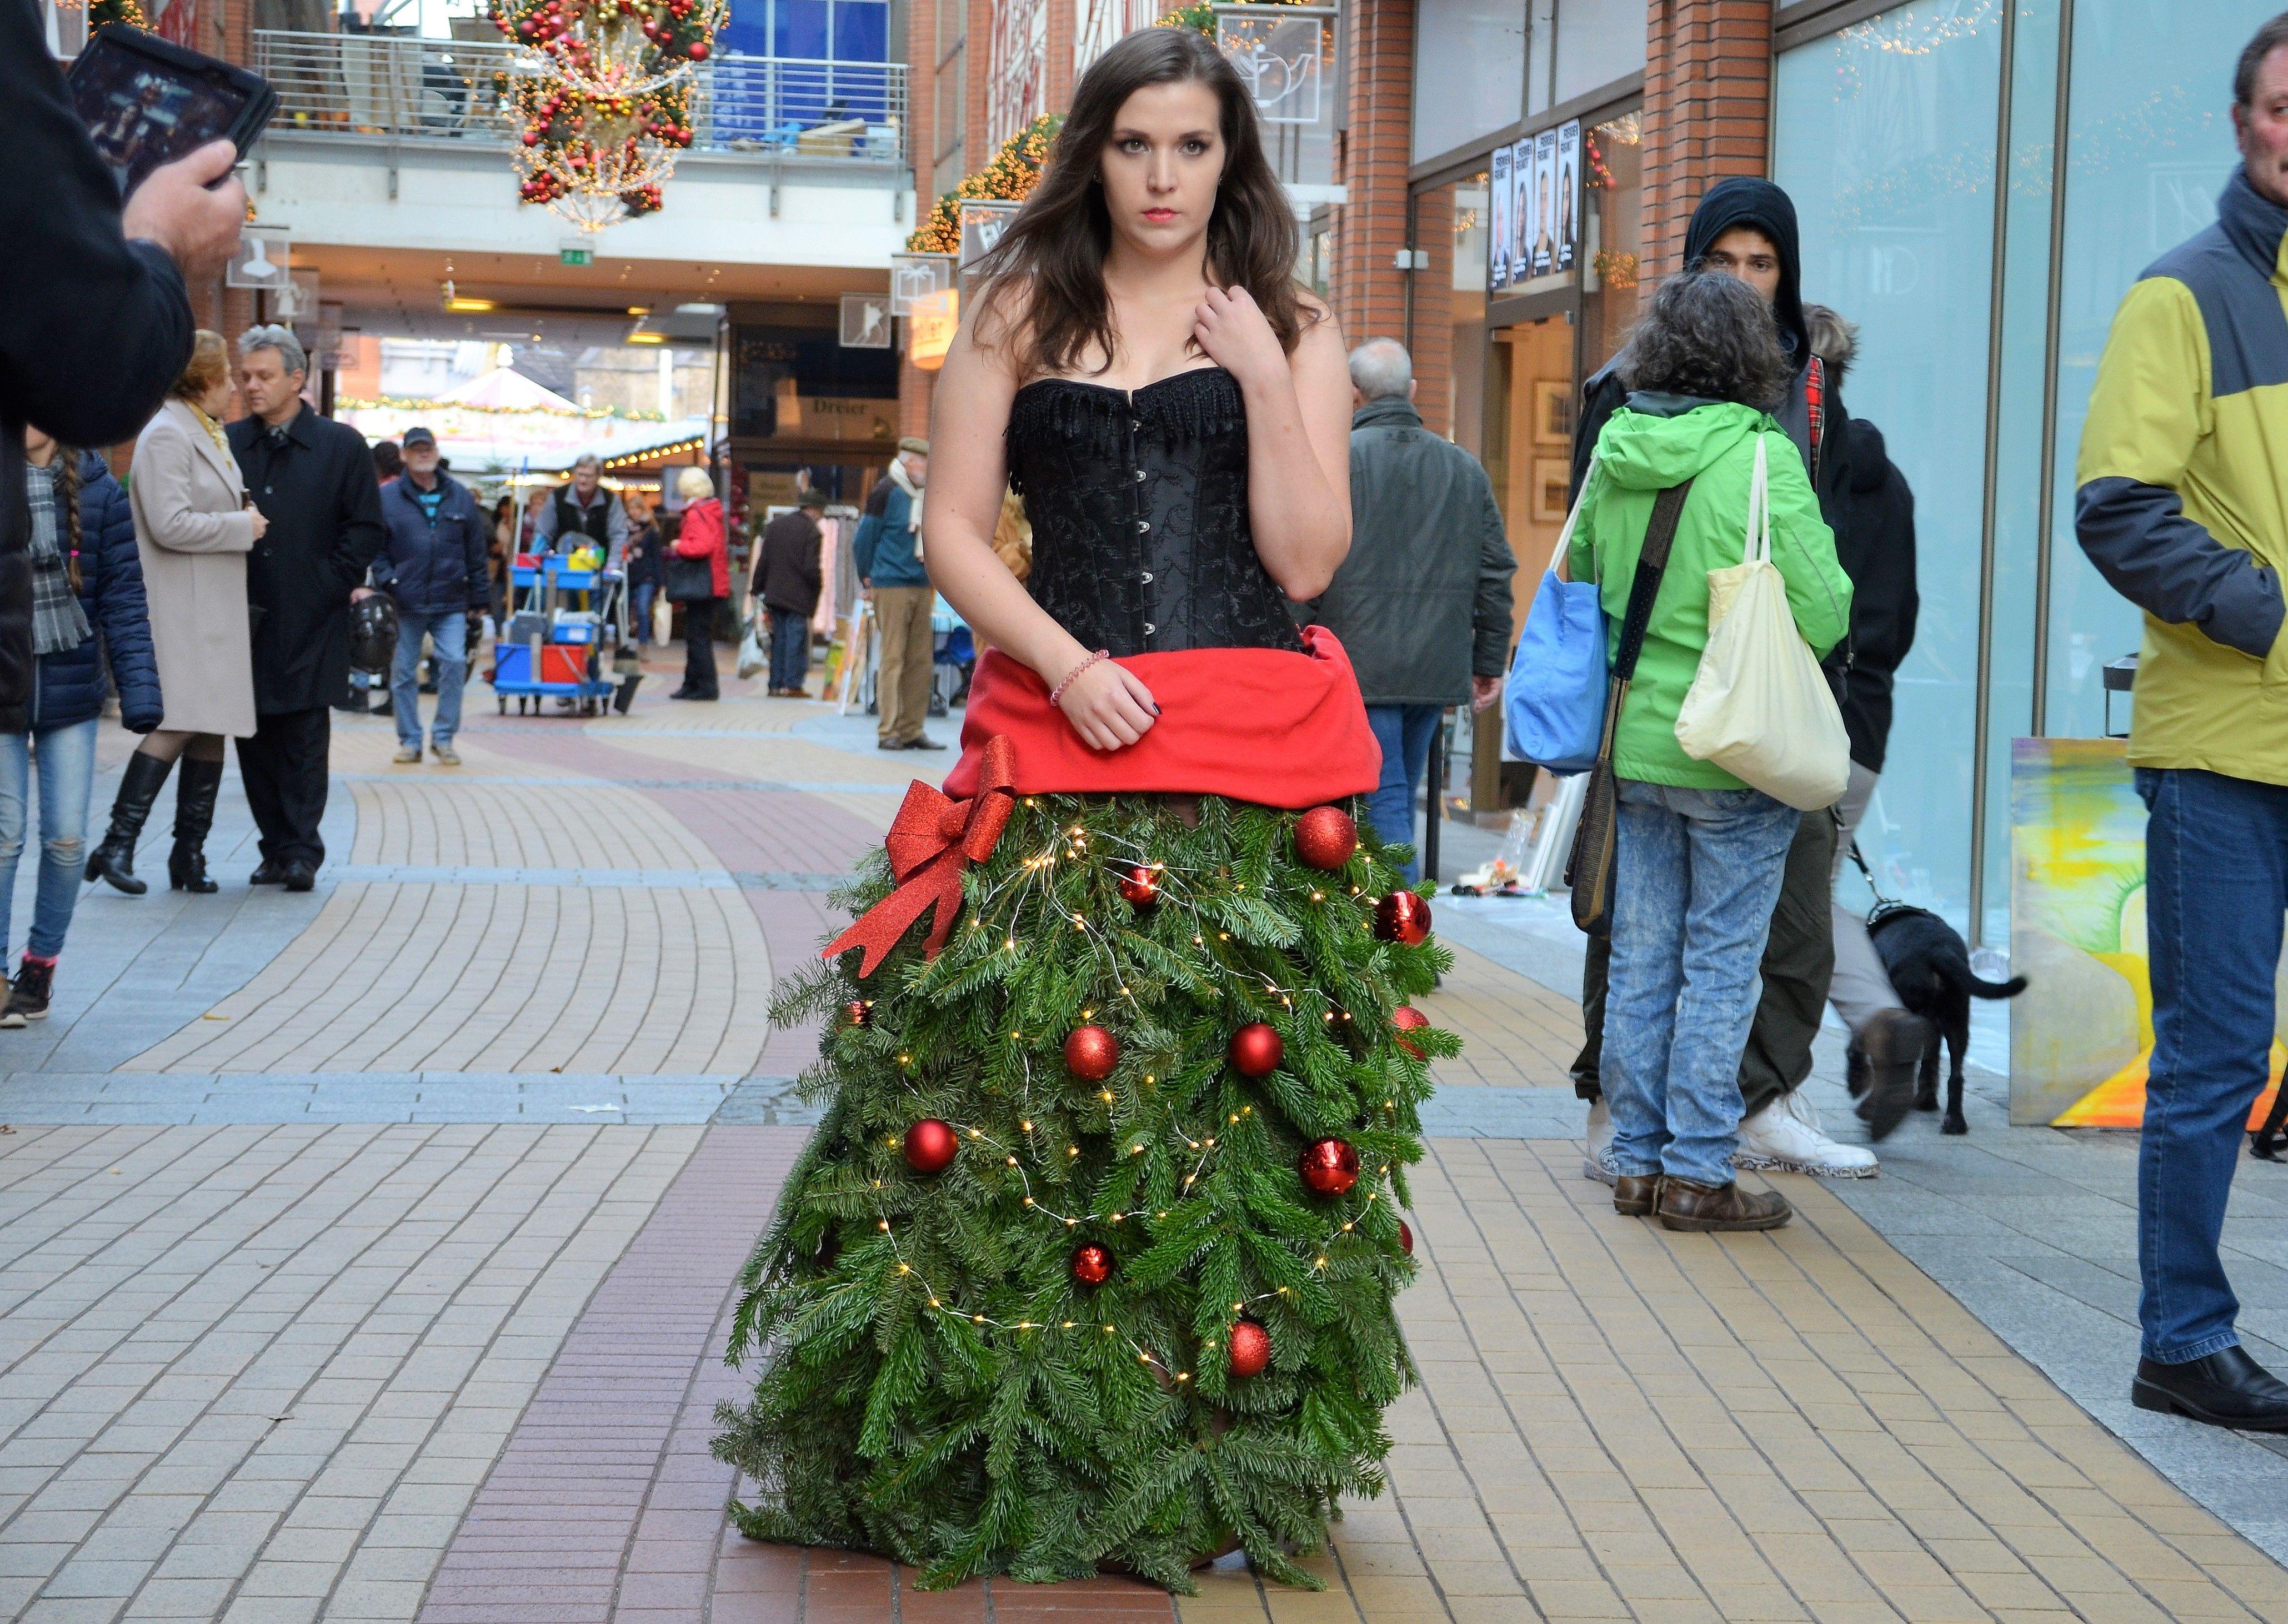 Weihnachtsbaum Drahtgestell.Clemens Galerien Kunst Musik Und Ein Weihnachtsbaum Zum Anziehen